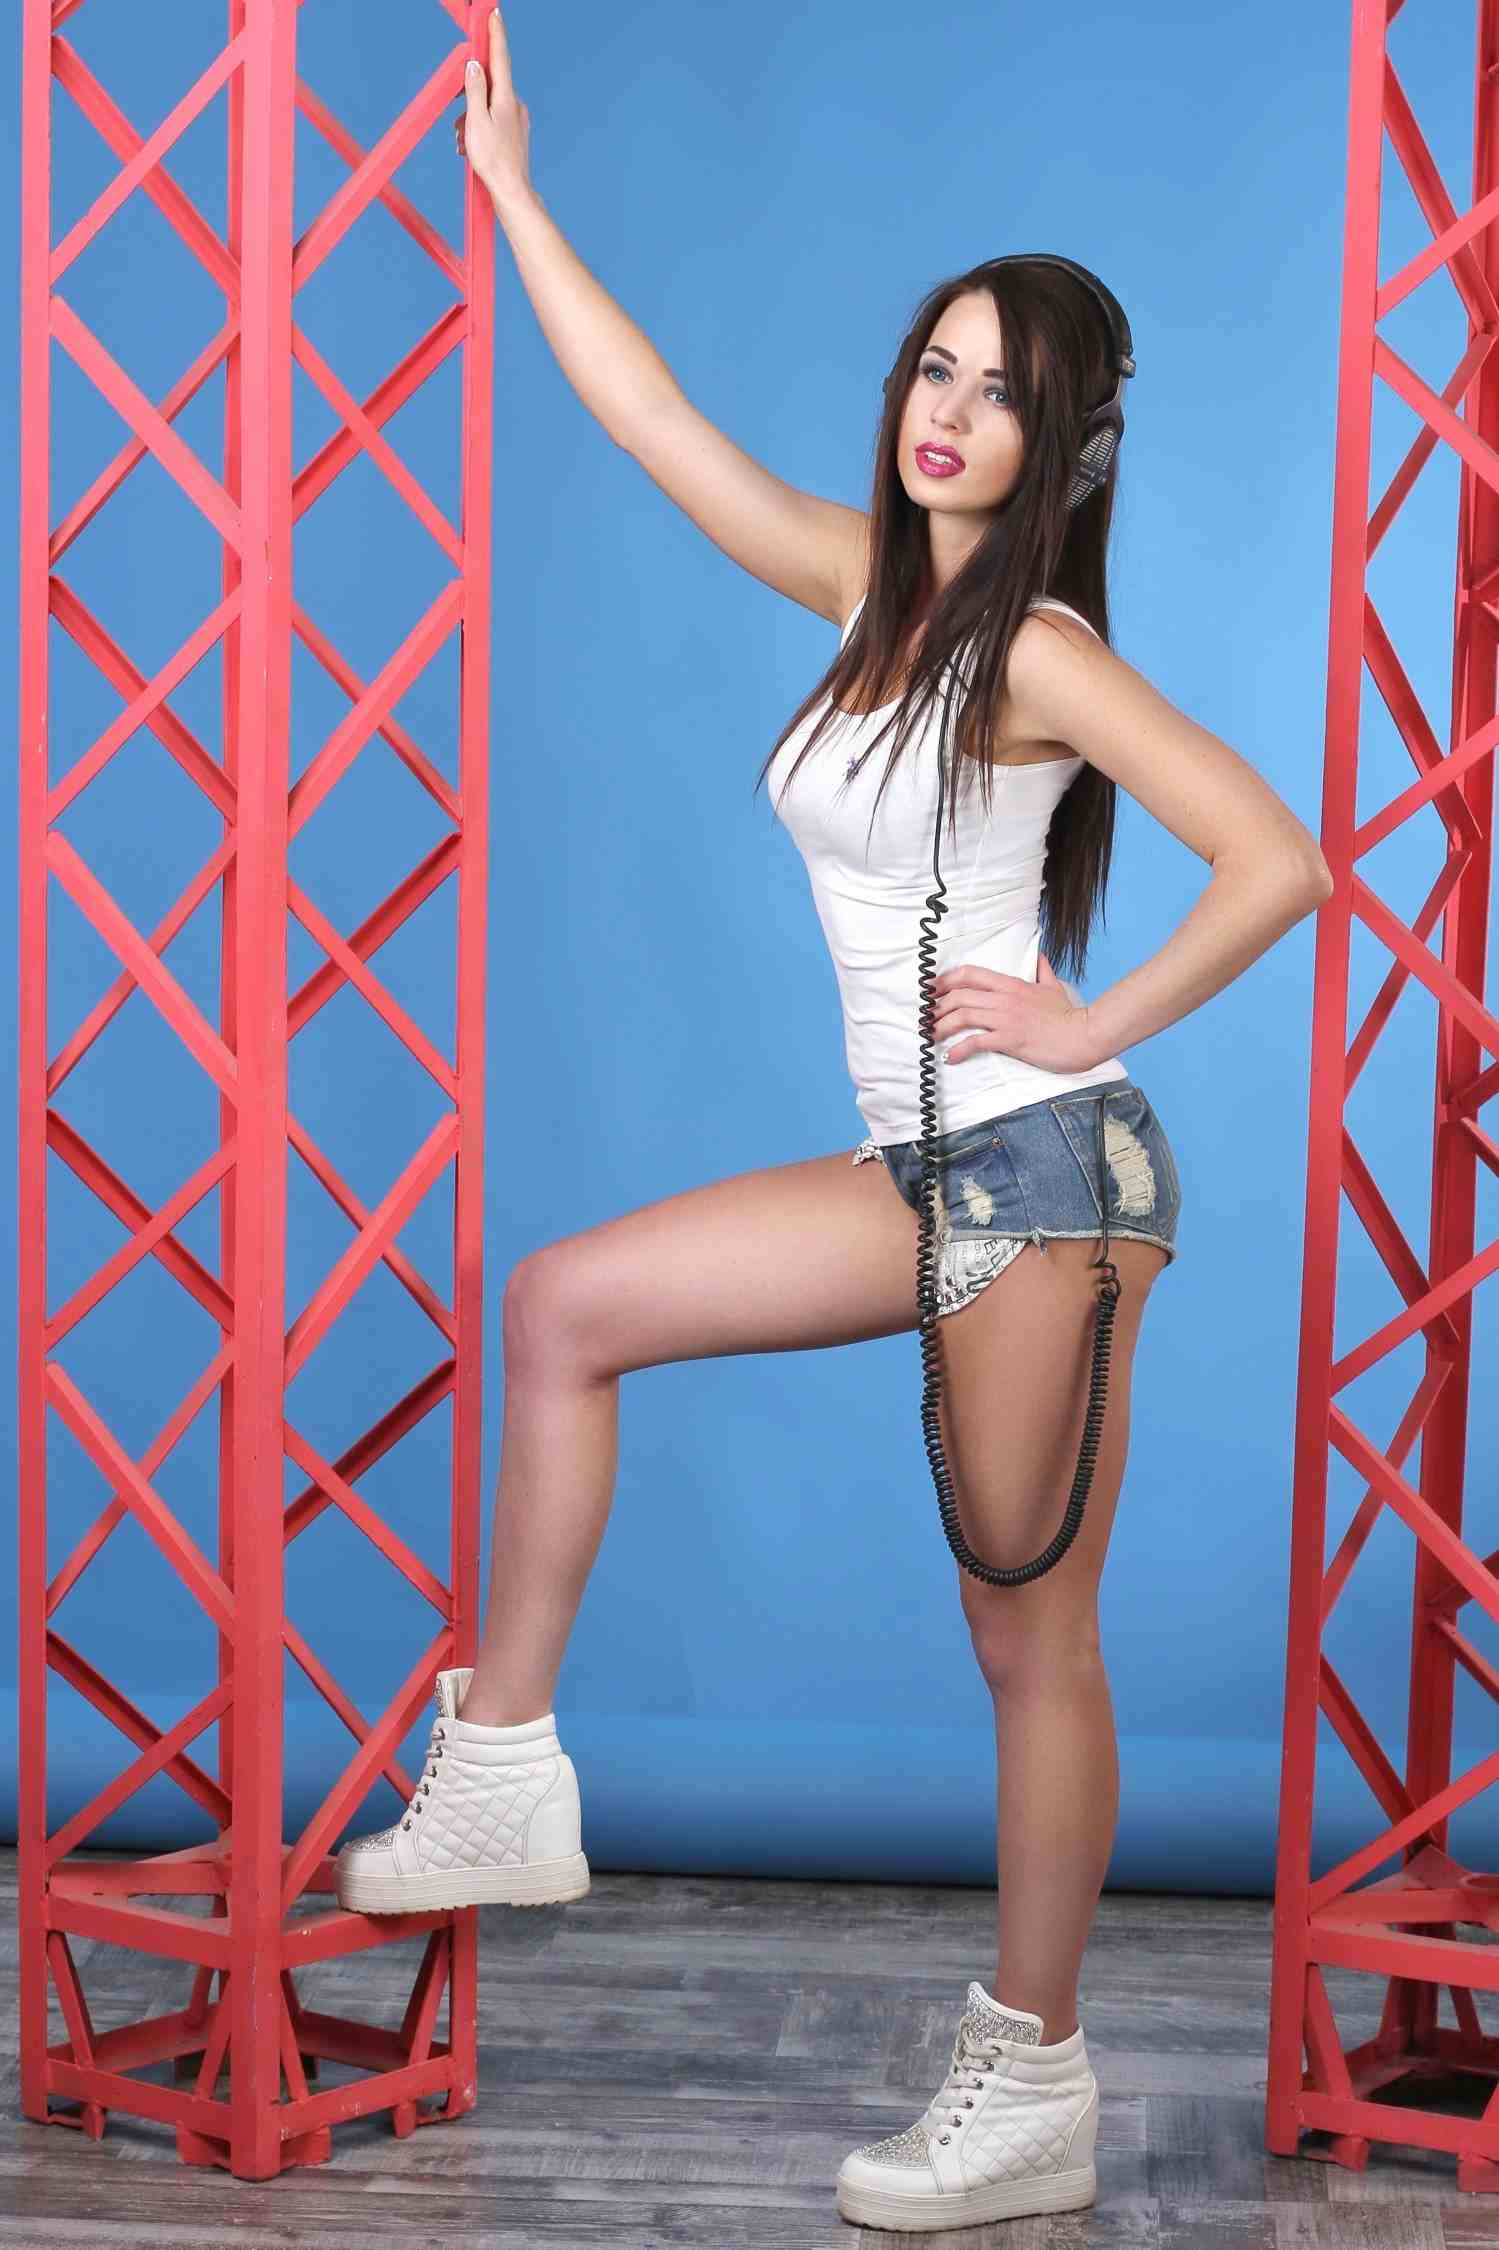 Naomilee